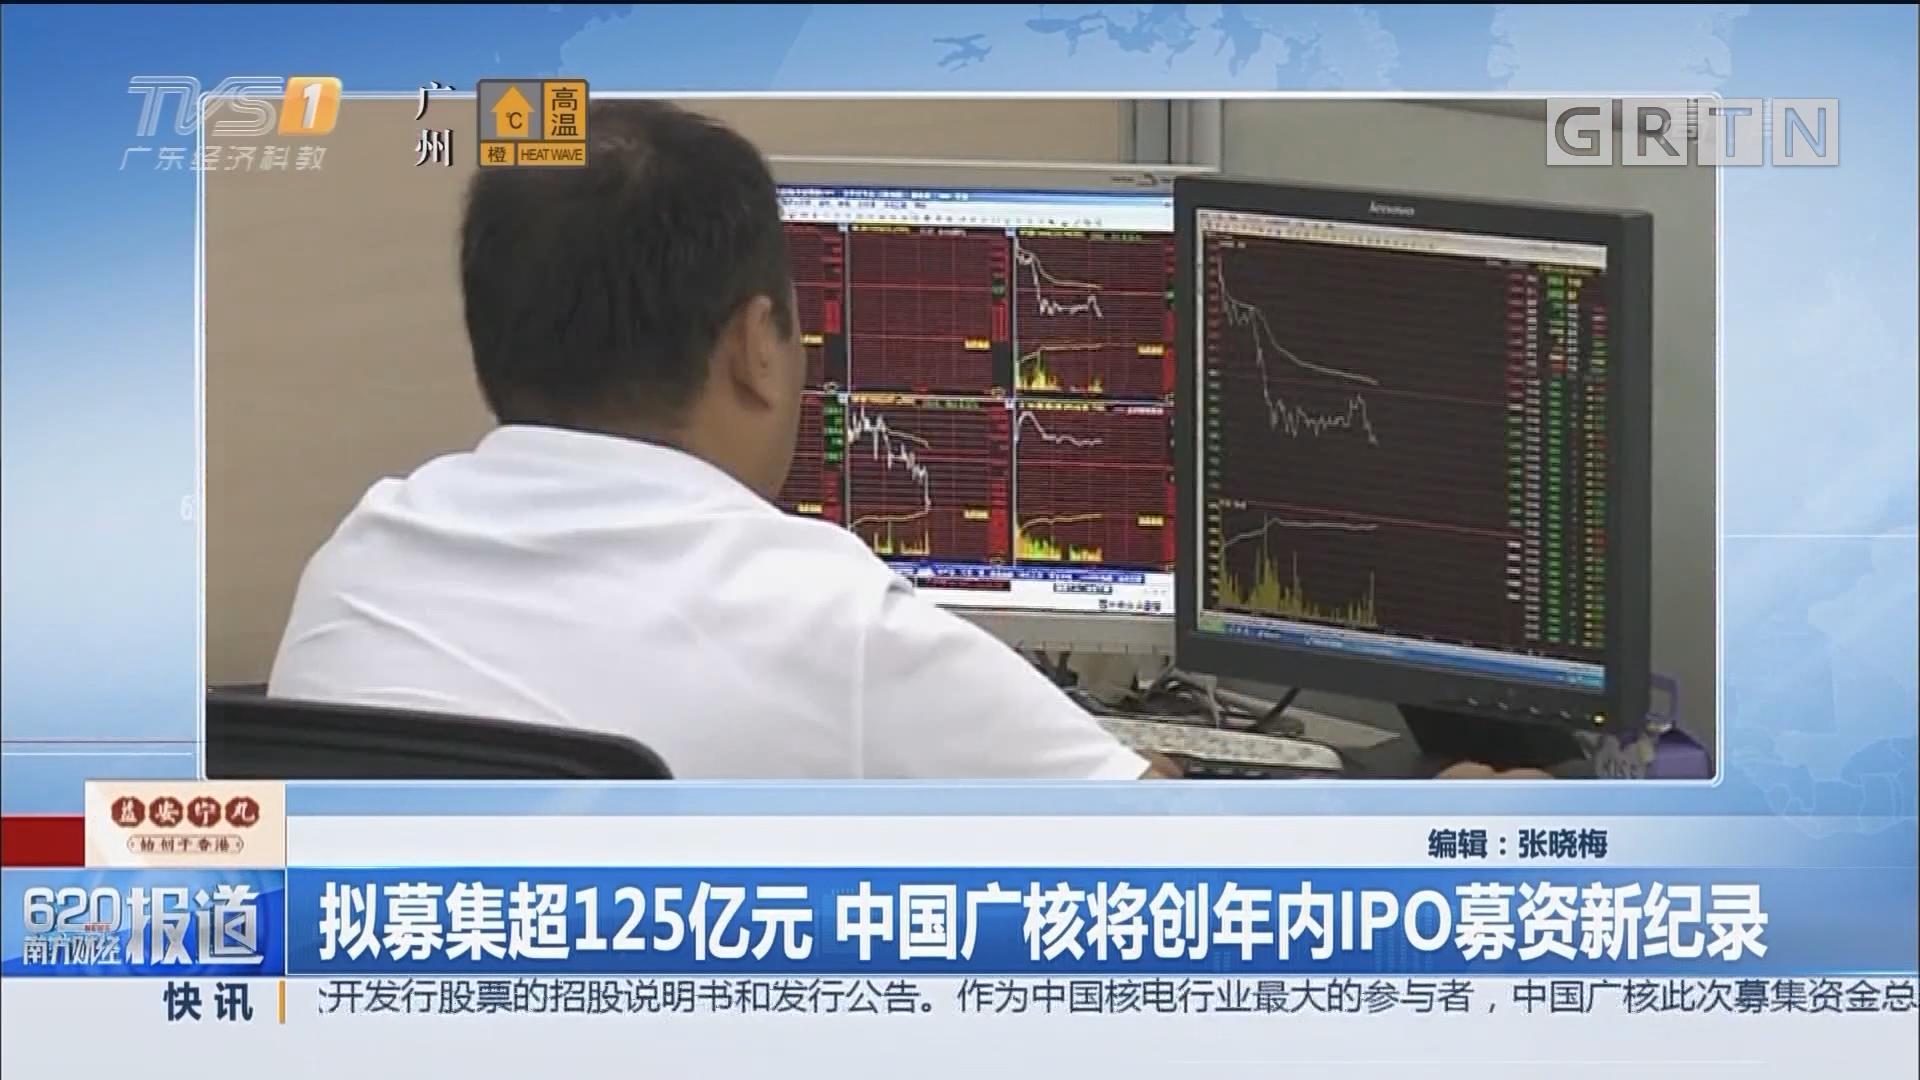 拟募集超125亿元 中国广核将创年内IPO募资新纪录